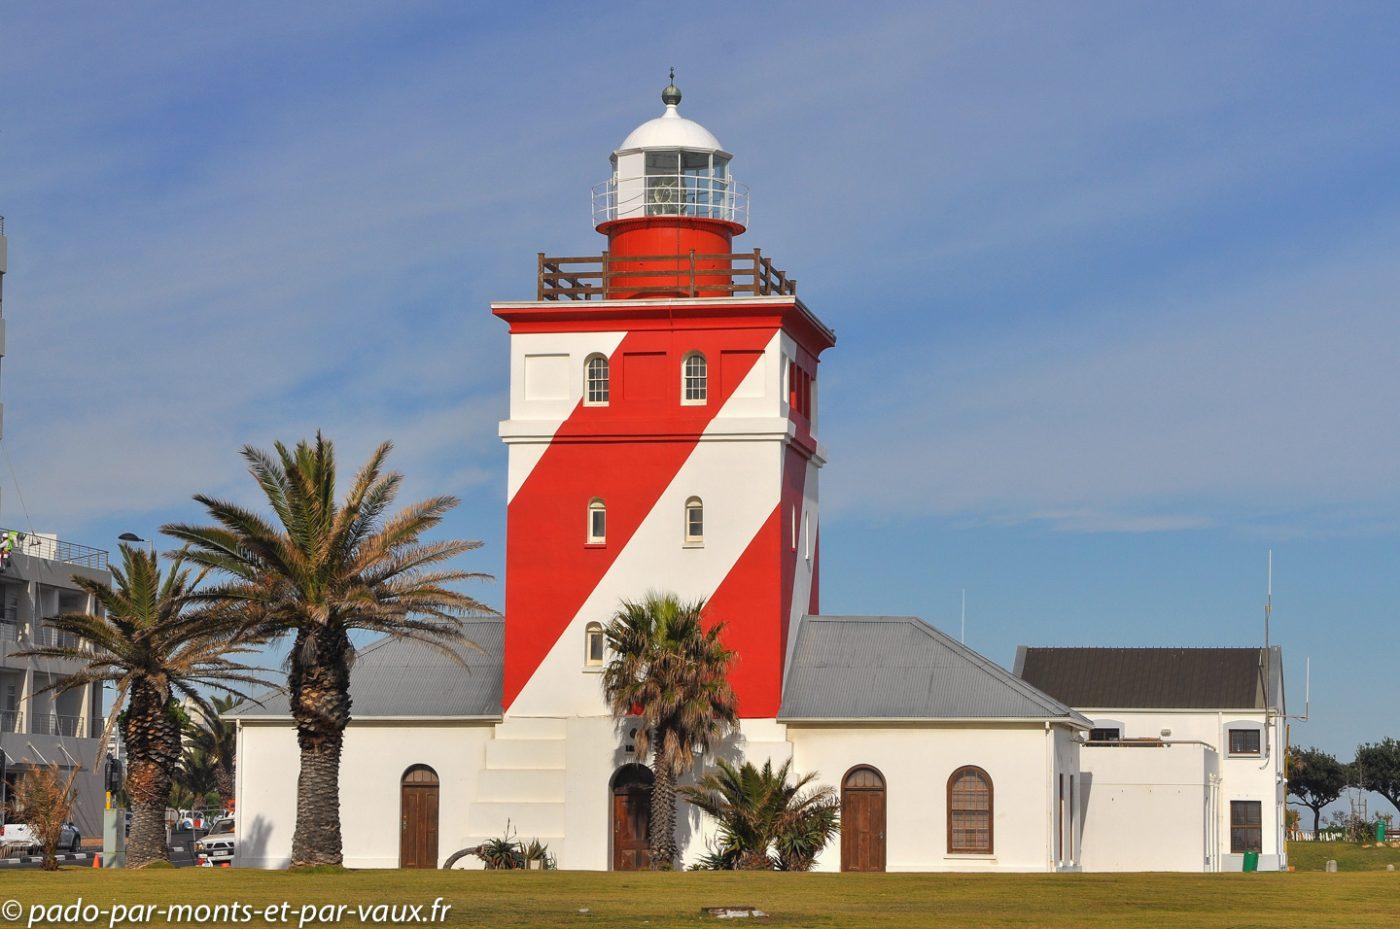 Afrique du Sud 2013 - Capetown